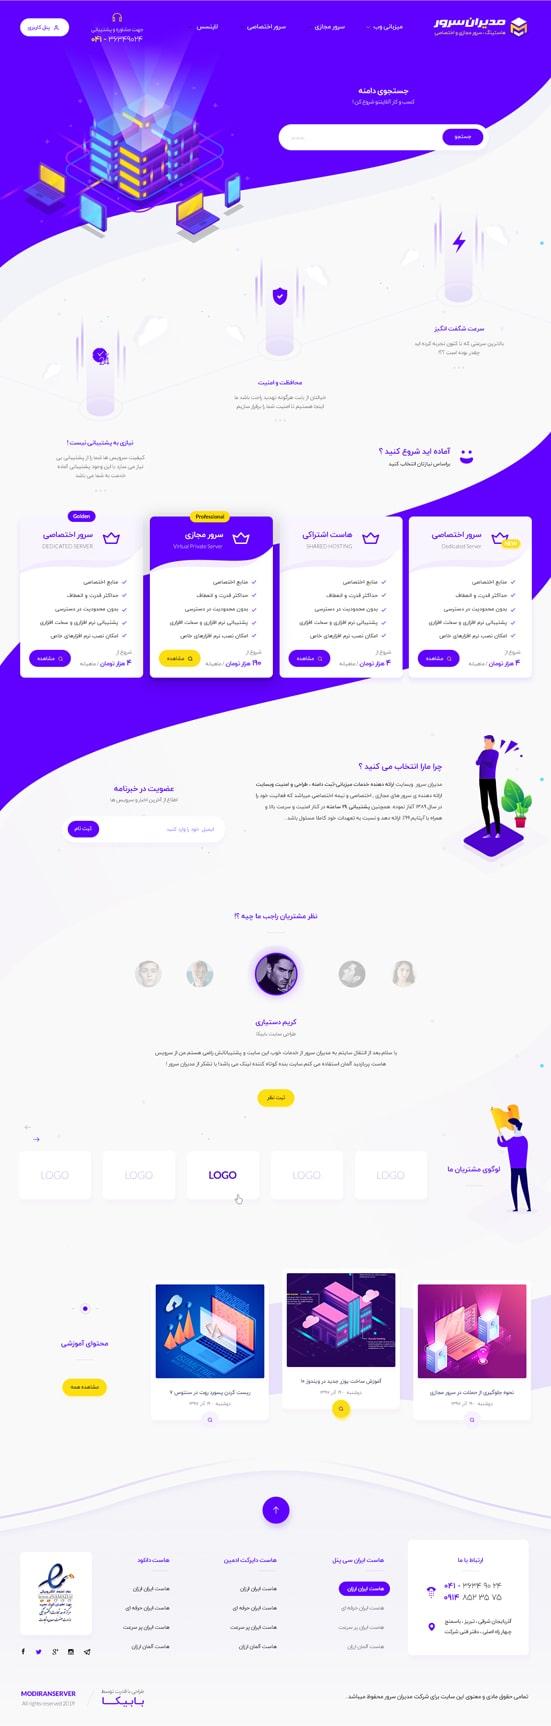 طراحی گرافیک سایت مدیران سرور